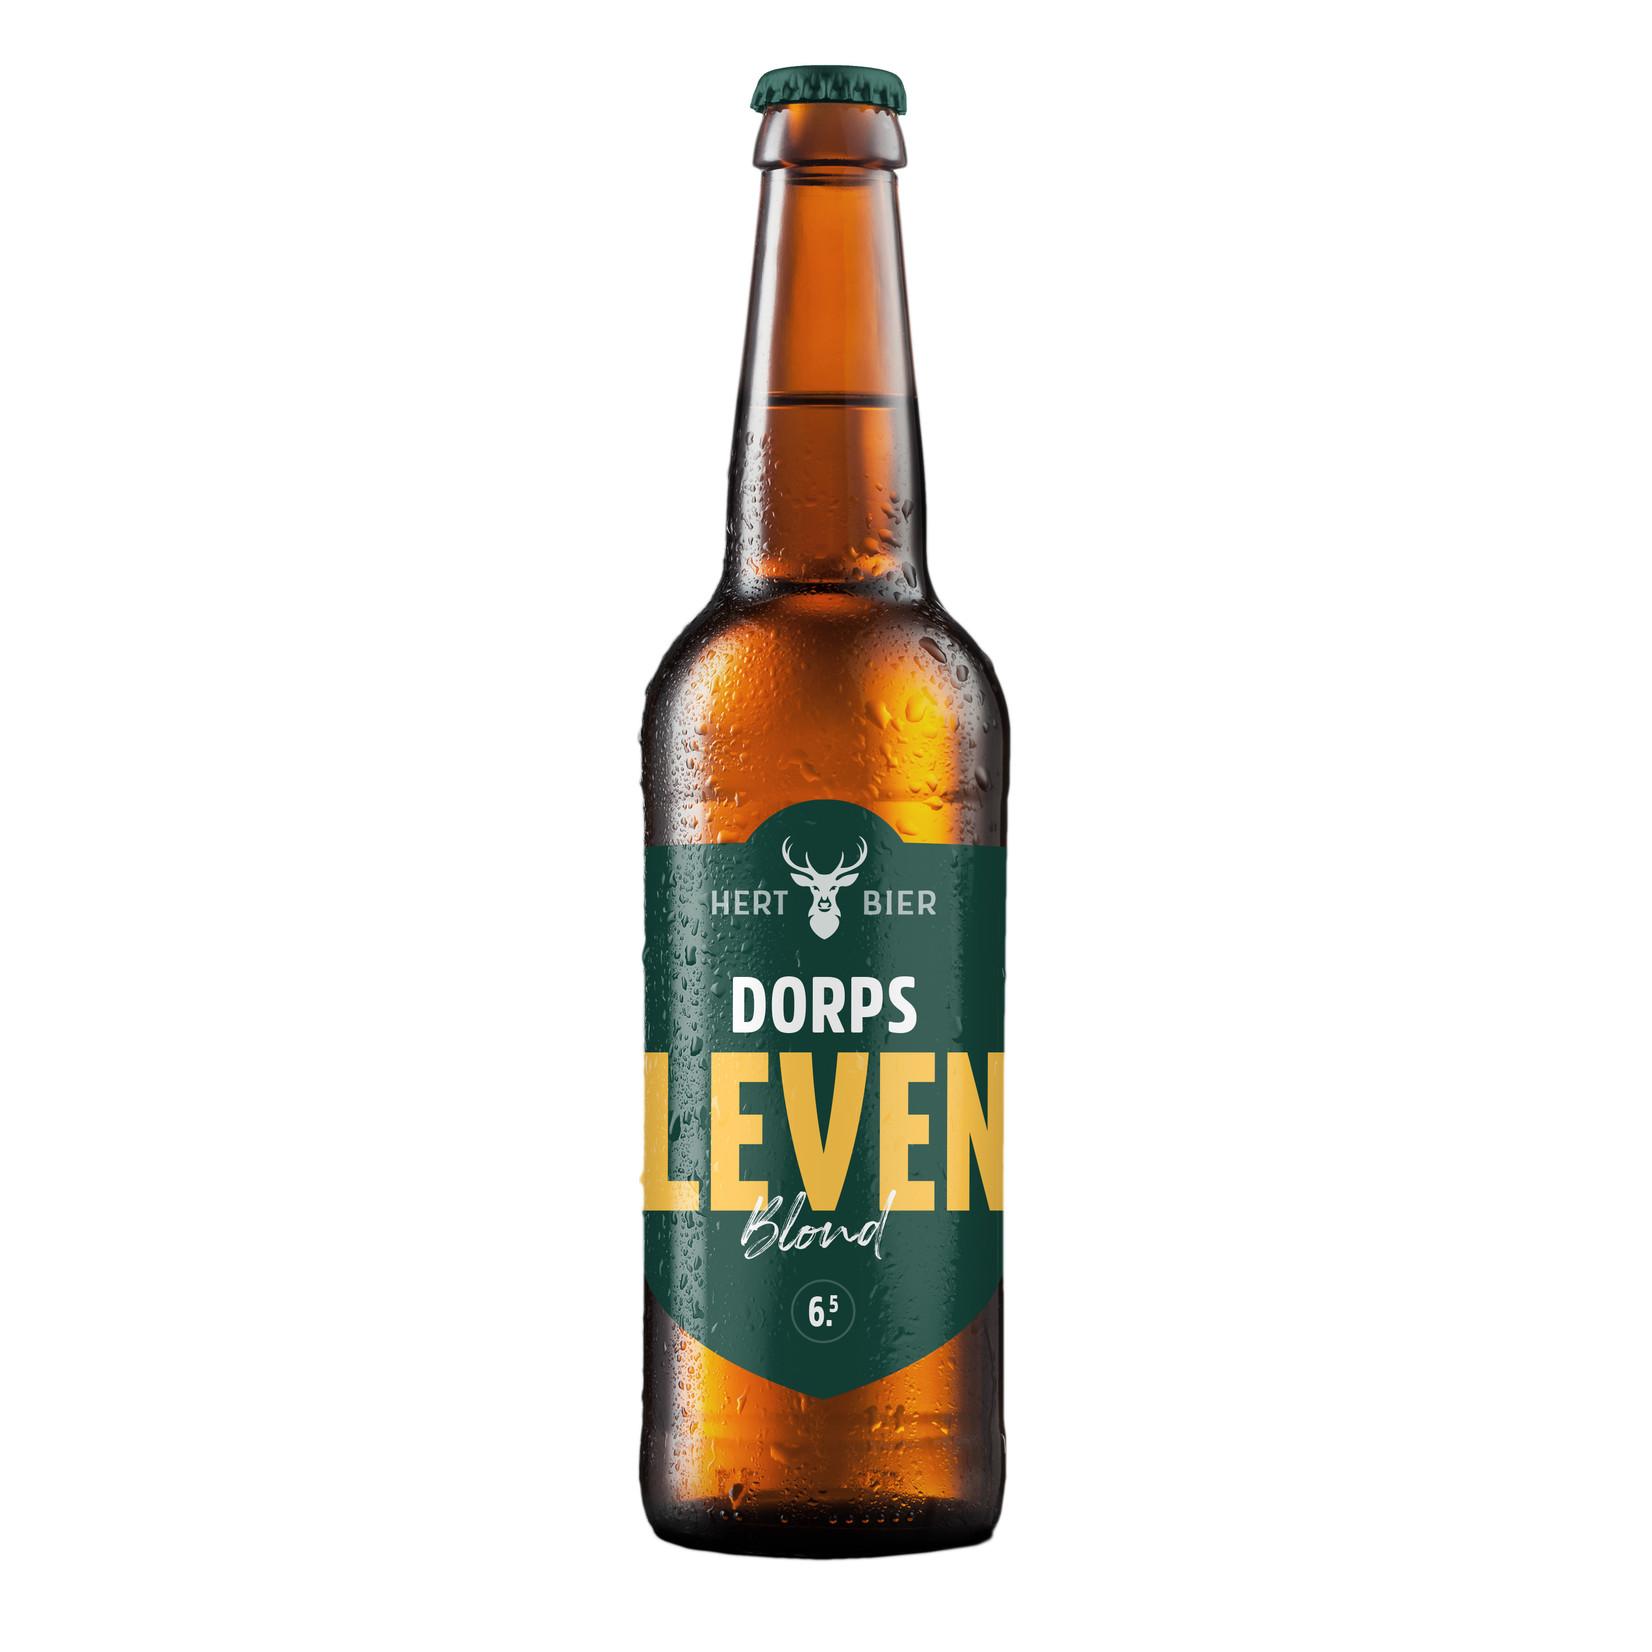 Hert Bier Dorps -Leven 6,5%